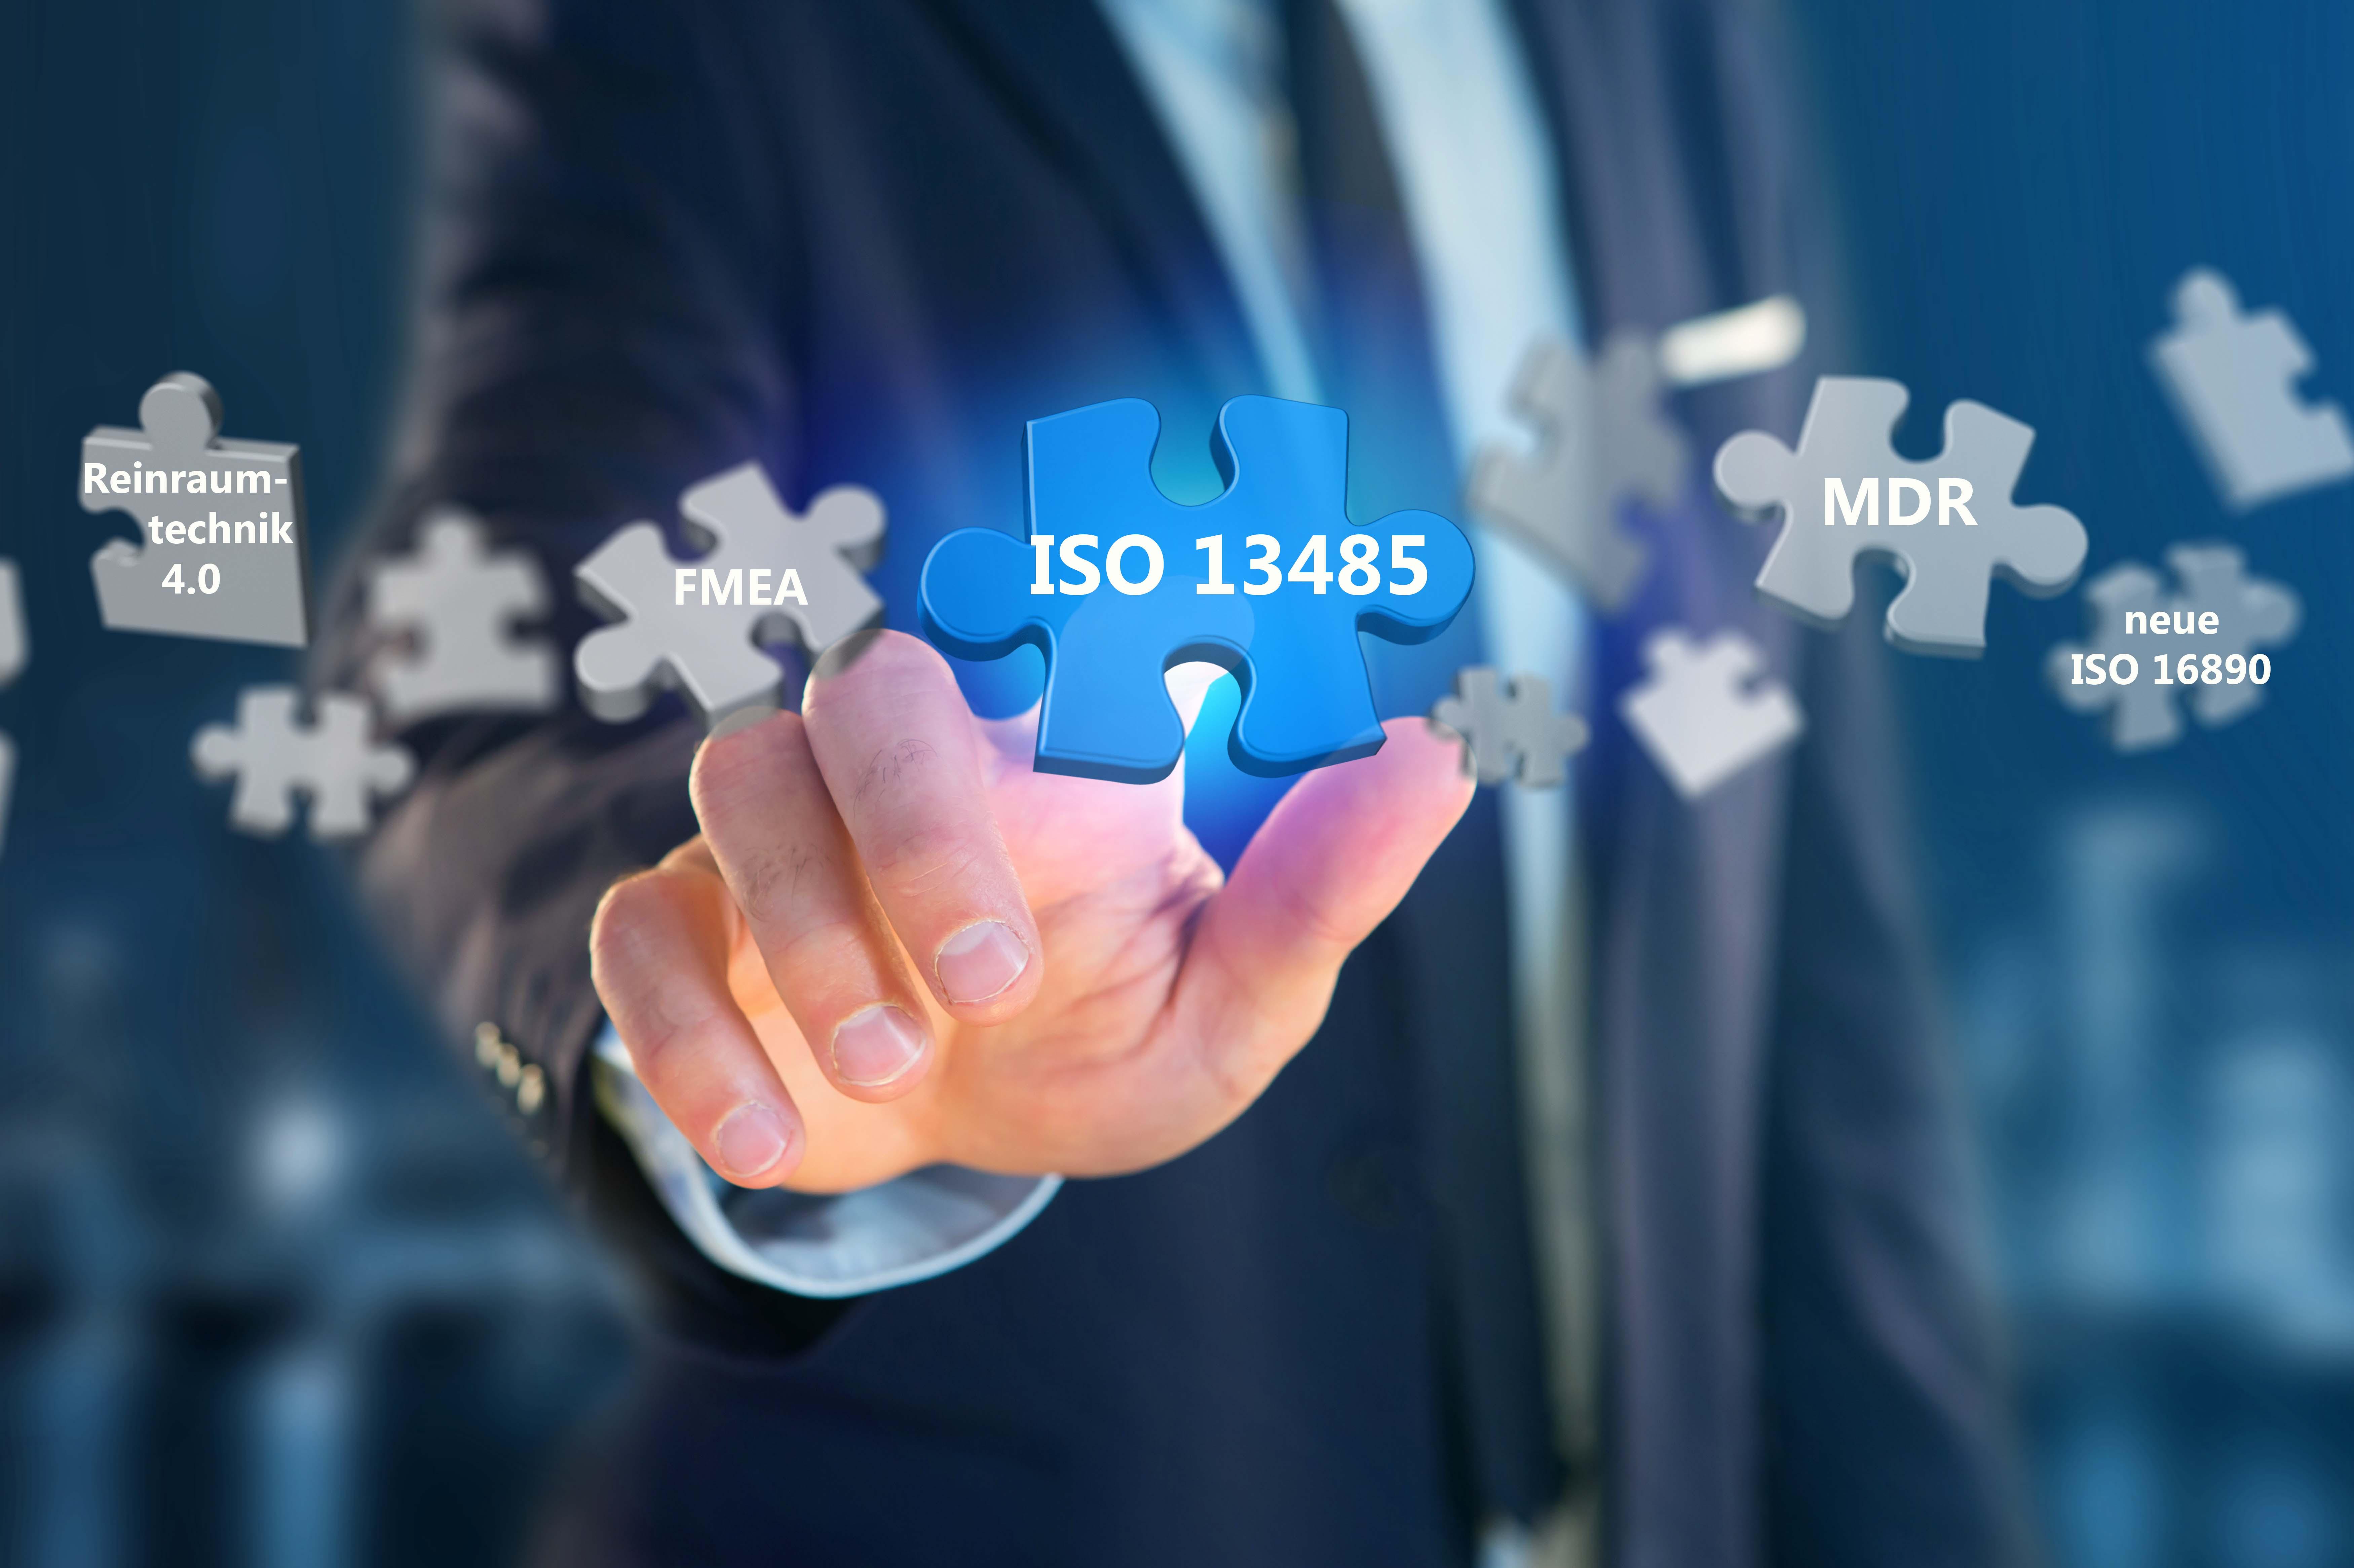 Technologietag zur ISO 13485